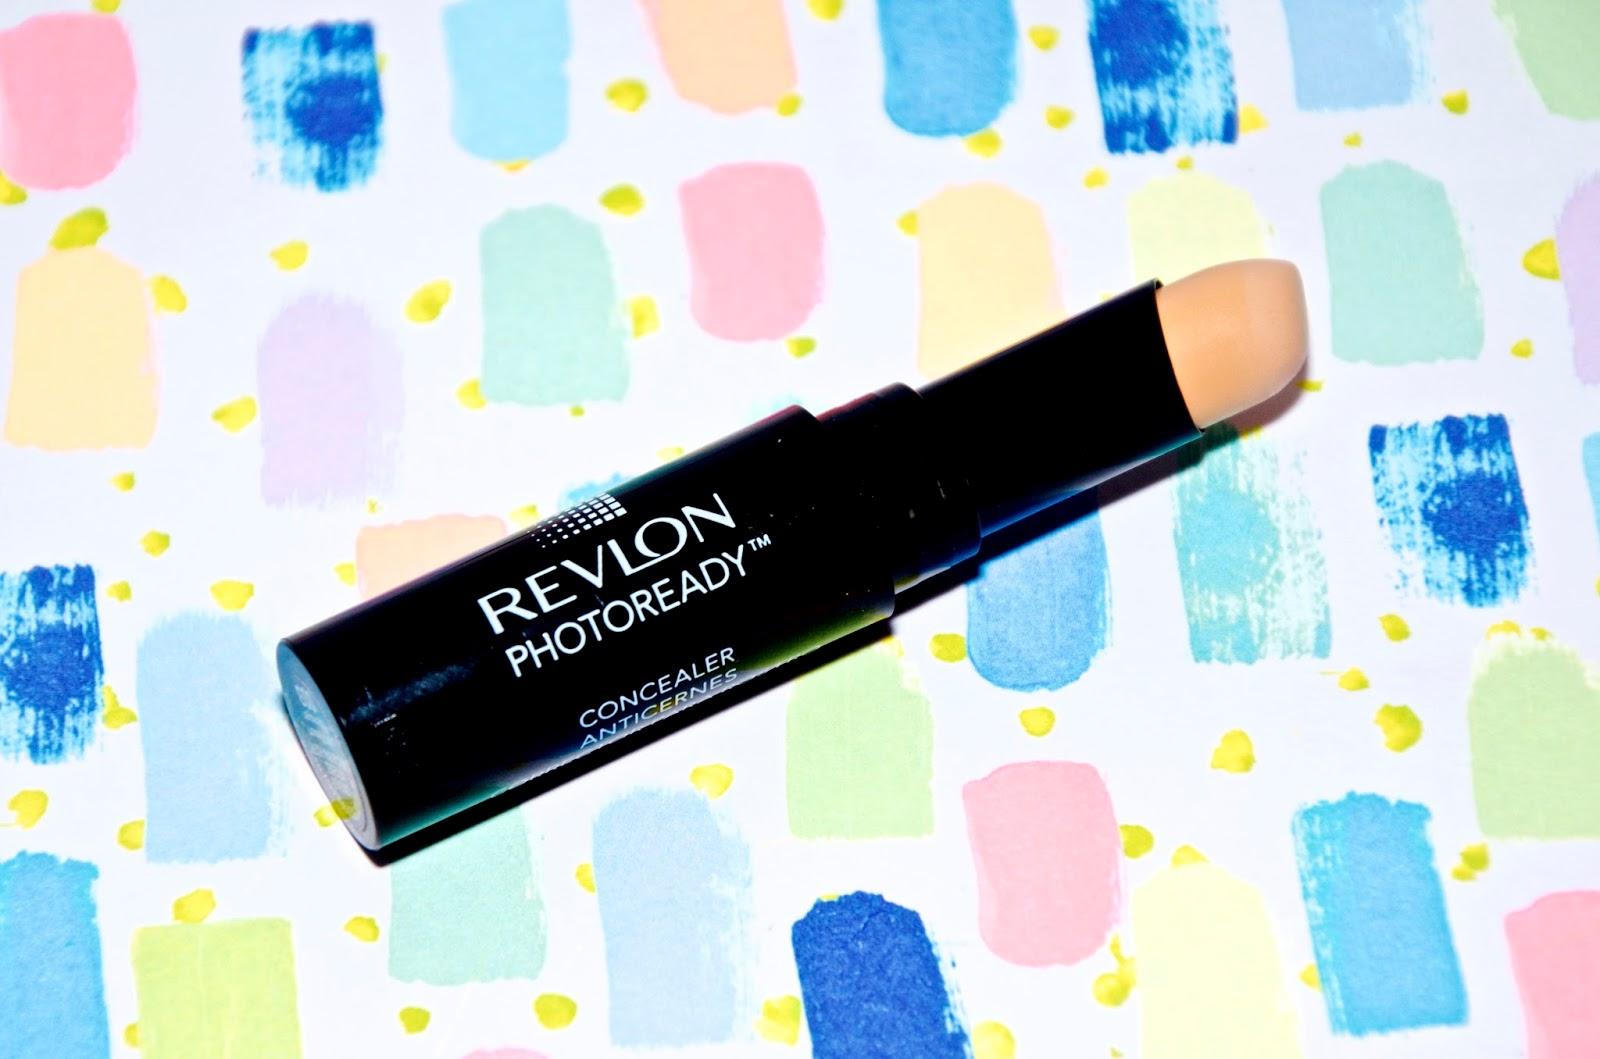 Revlon concealer